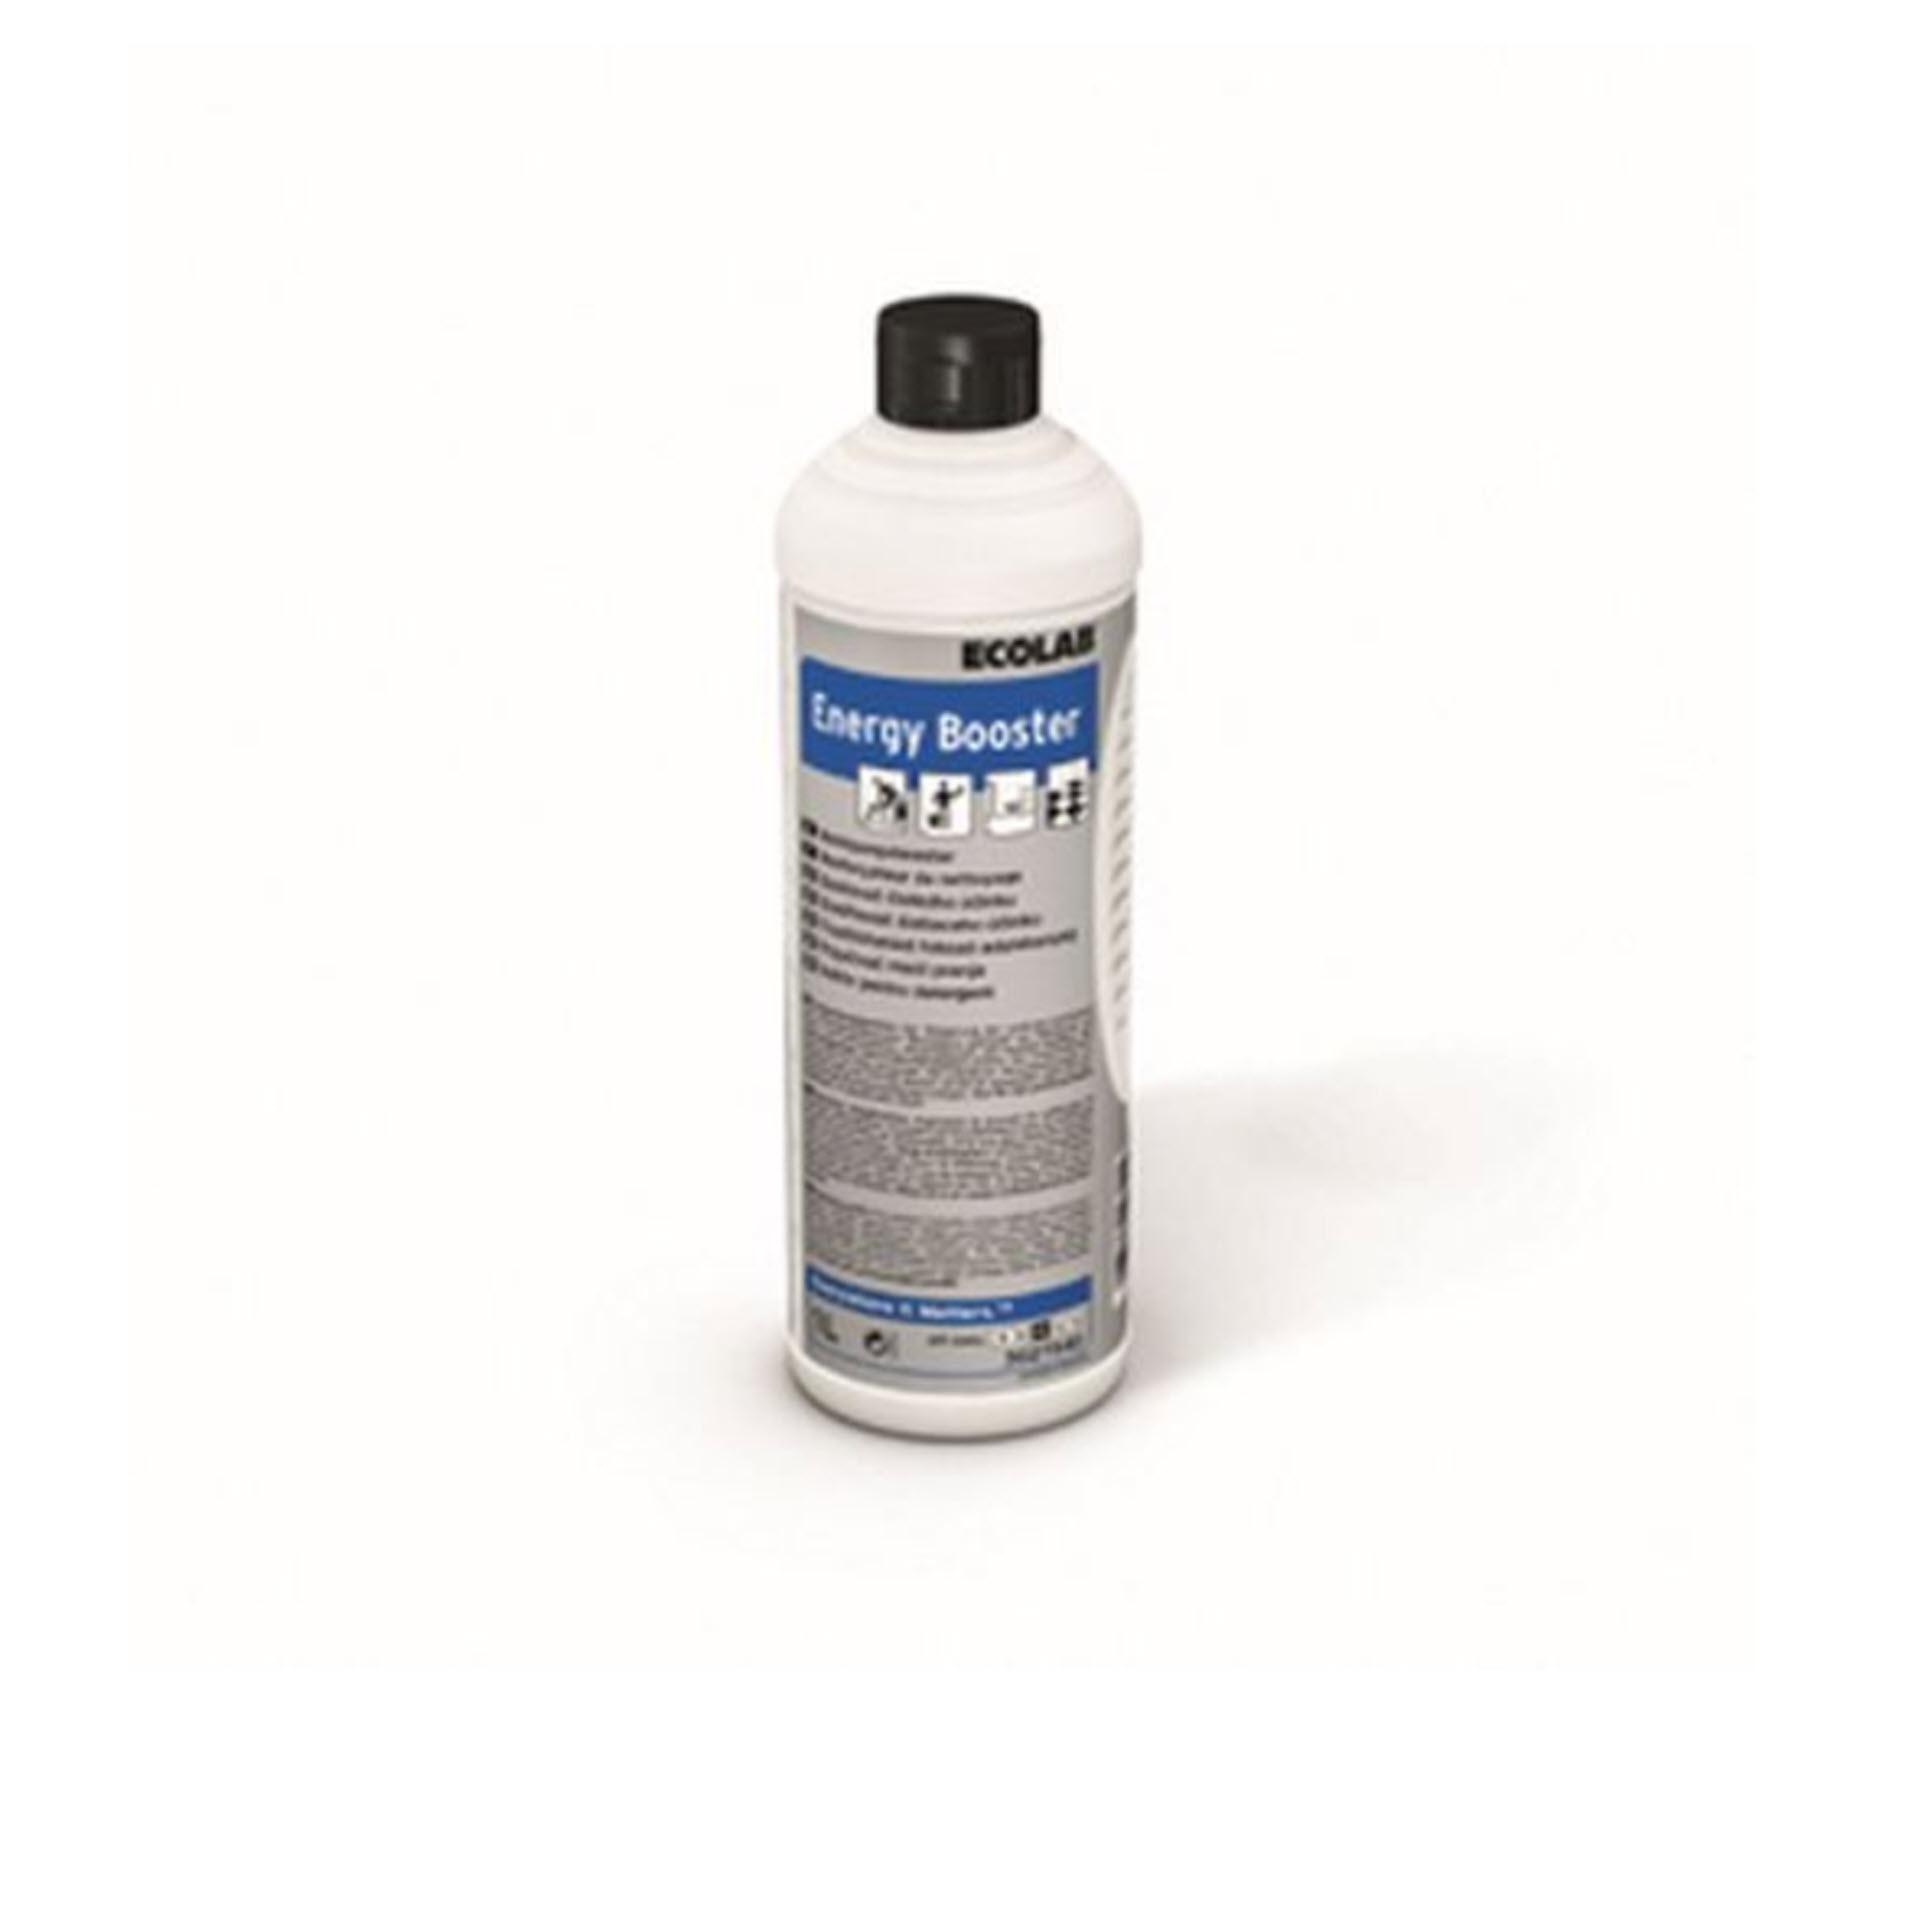 Ecolab ENERGY BOOSTER tensidfreier Reinigungsverstärker - 1 Liter Rundflasche